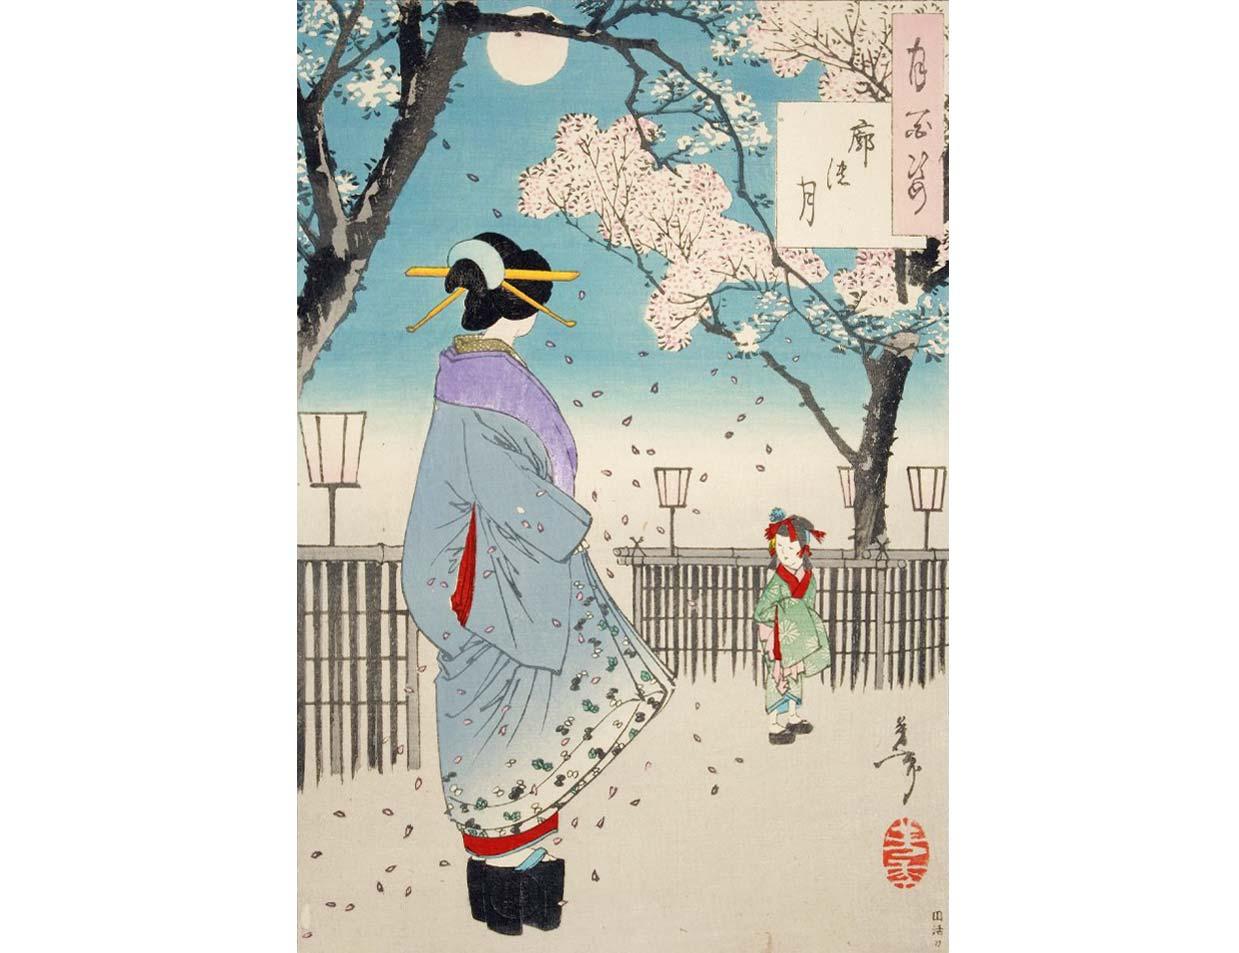 Moon of the Pleasure Quarter, Woodblock Print by Tsukioka Yoshitoshi, 1886